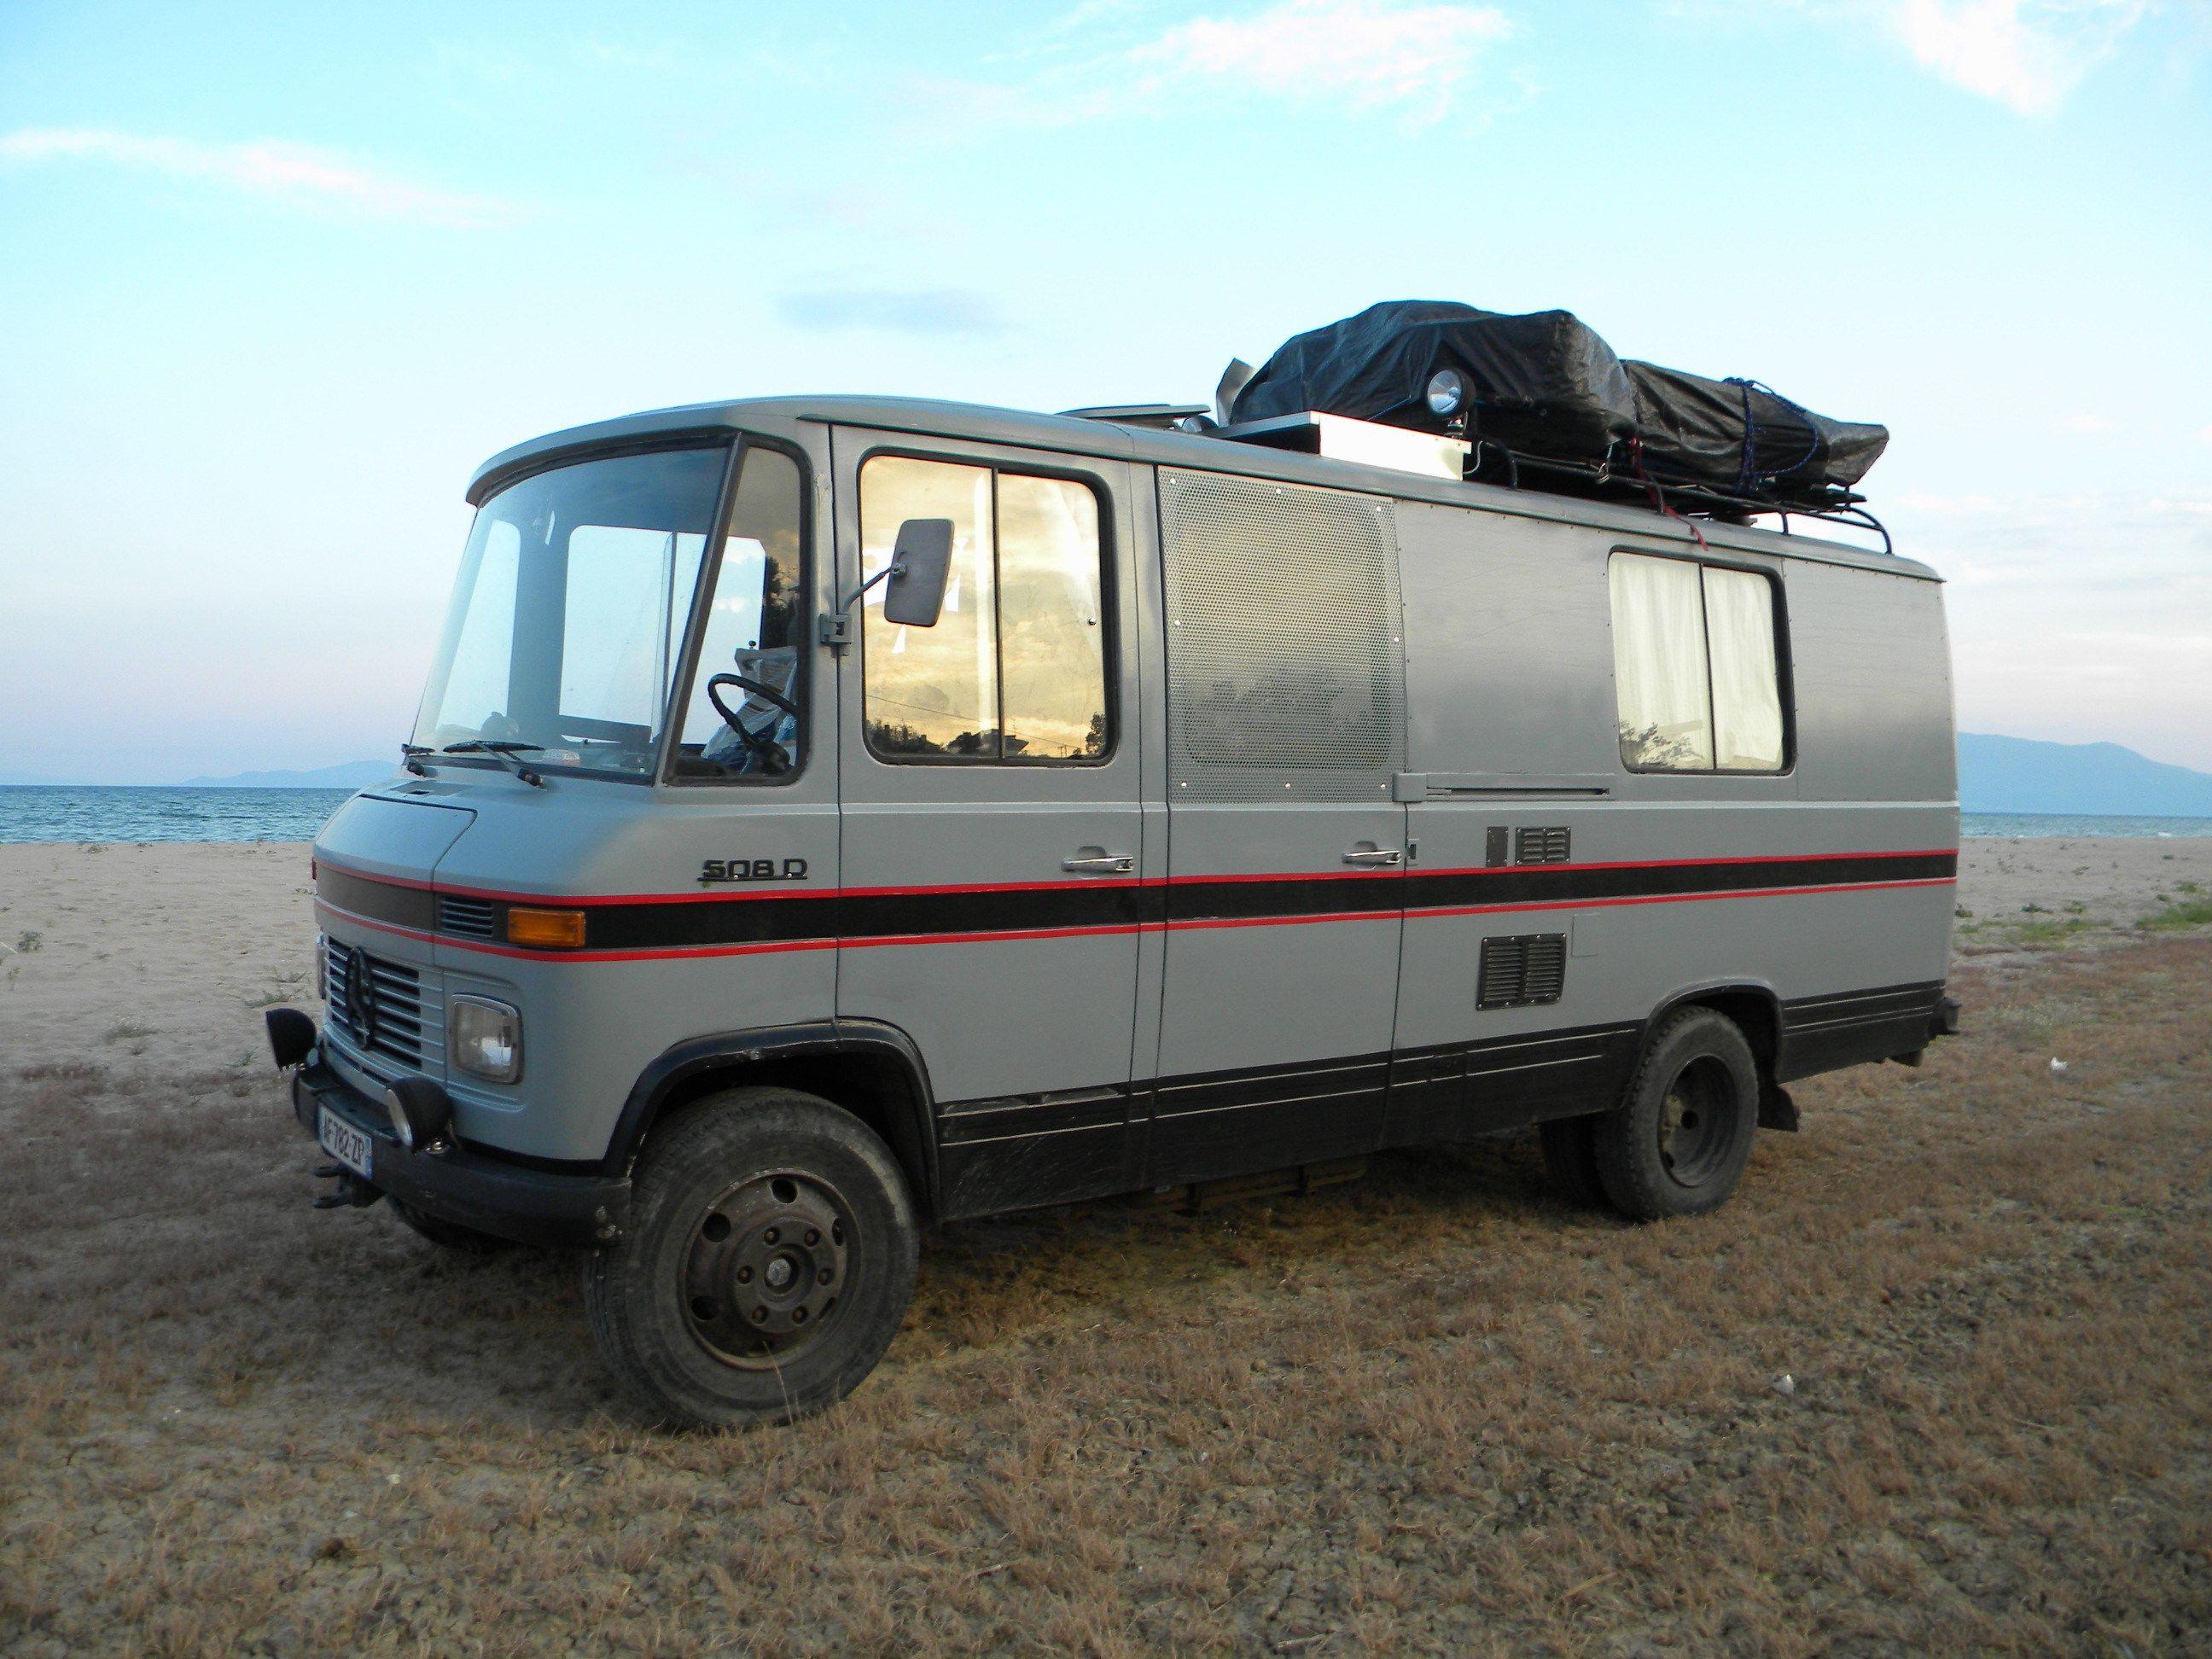 De mercedes benz l 408 en l 508 pagina bussen busses pinterest mercedes camper van mercedes camper and white van man